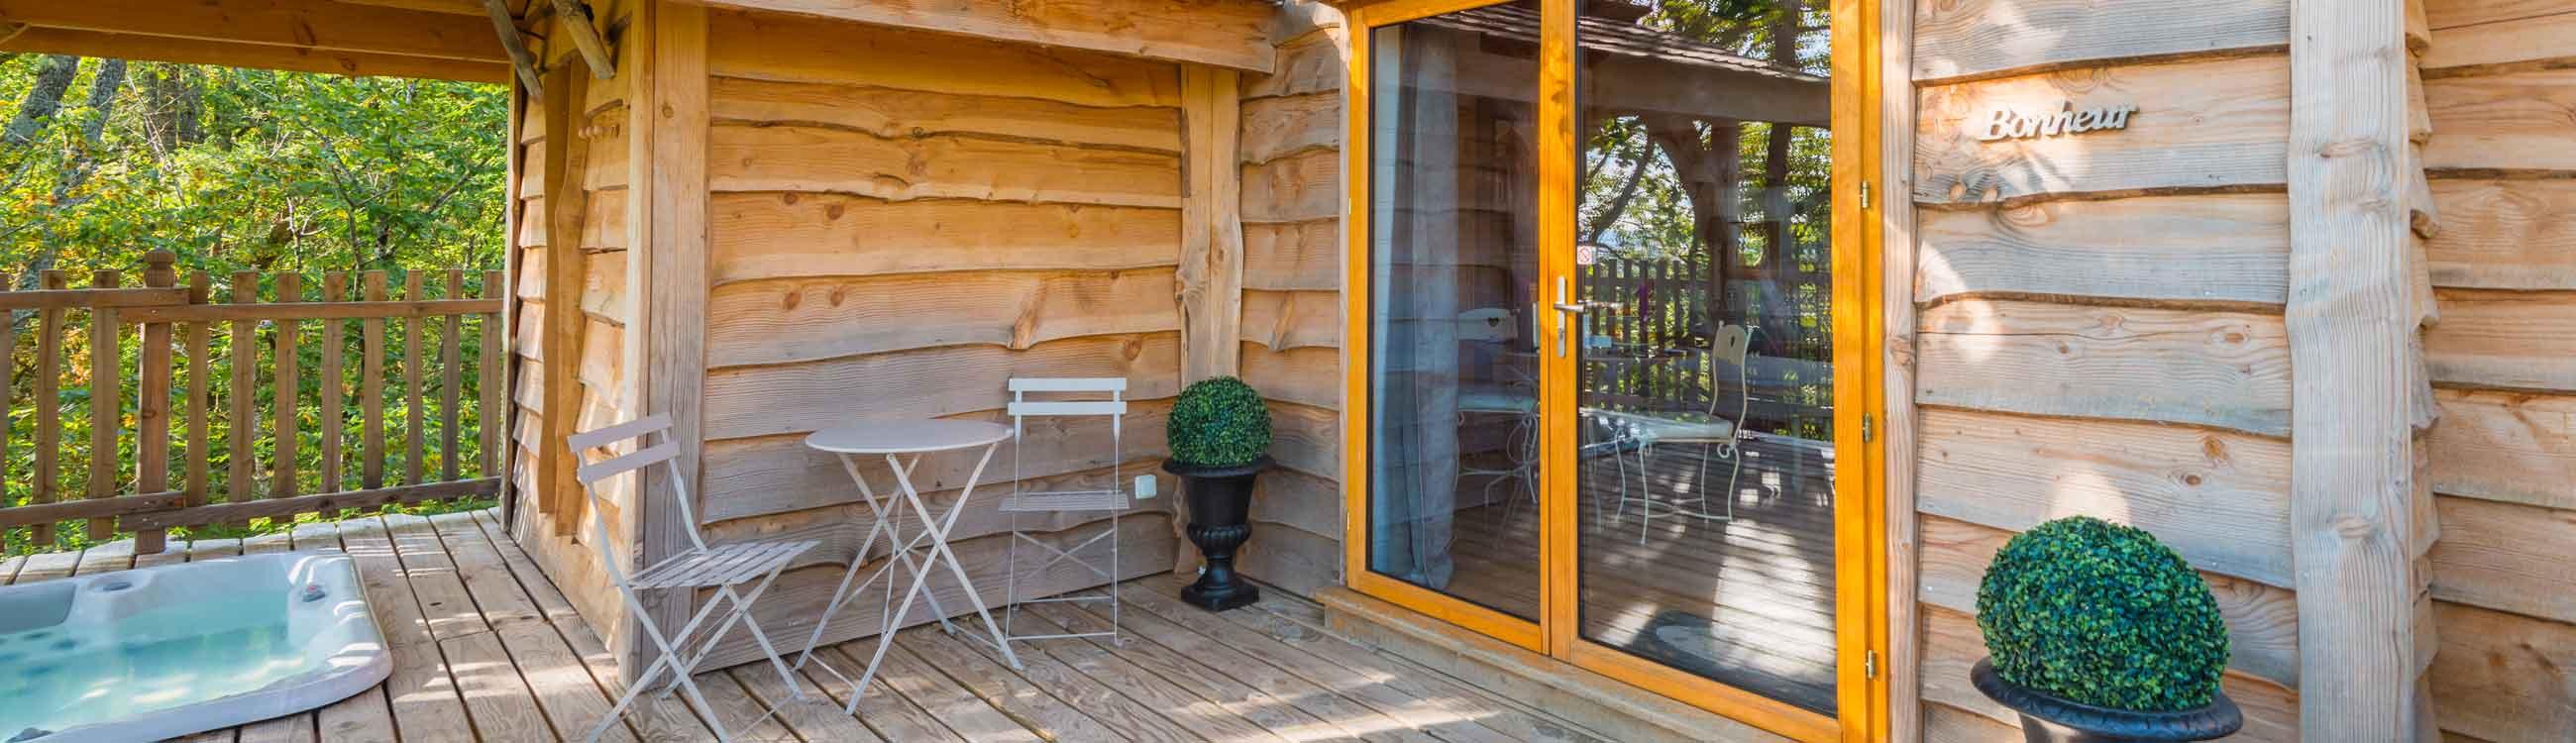 cabane toscane avec spa lot et garonne. Black Bedroom Furniture Sets. Home Design Ideas